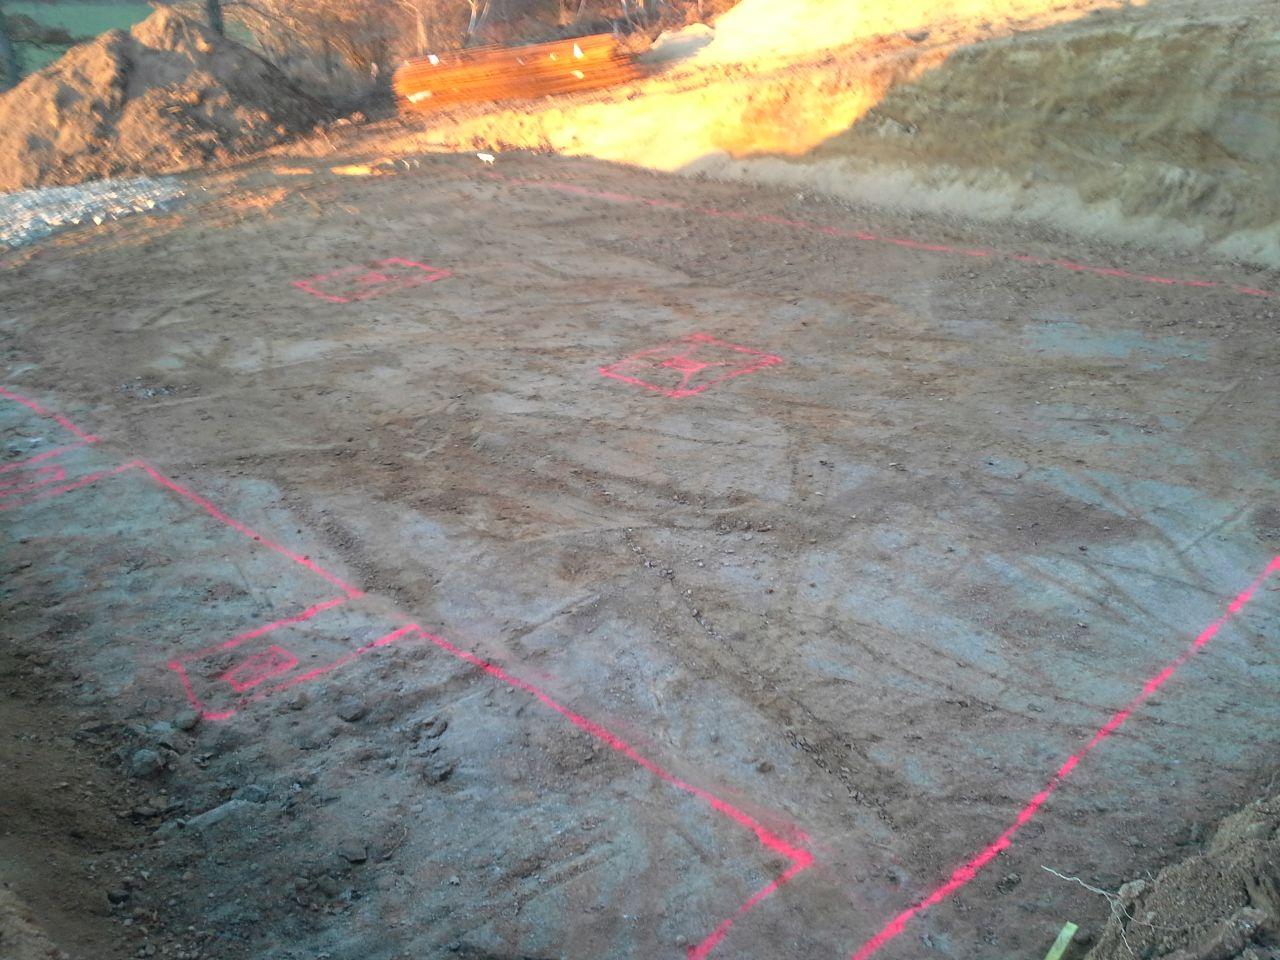 Le traçage des fouilles est effectué, si tout se passe bien elles devraient être ouvertes ce jour est les fondations coulées avant la fin de semaine;